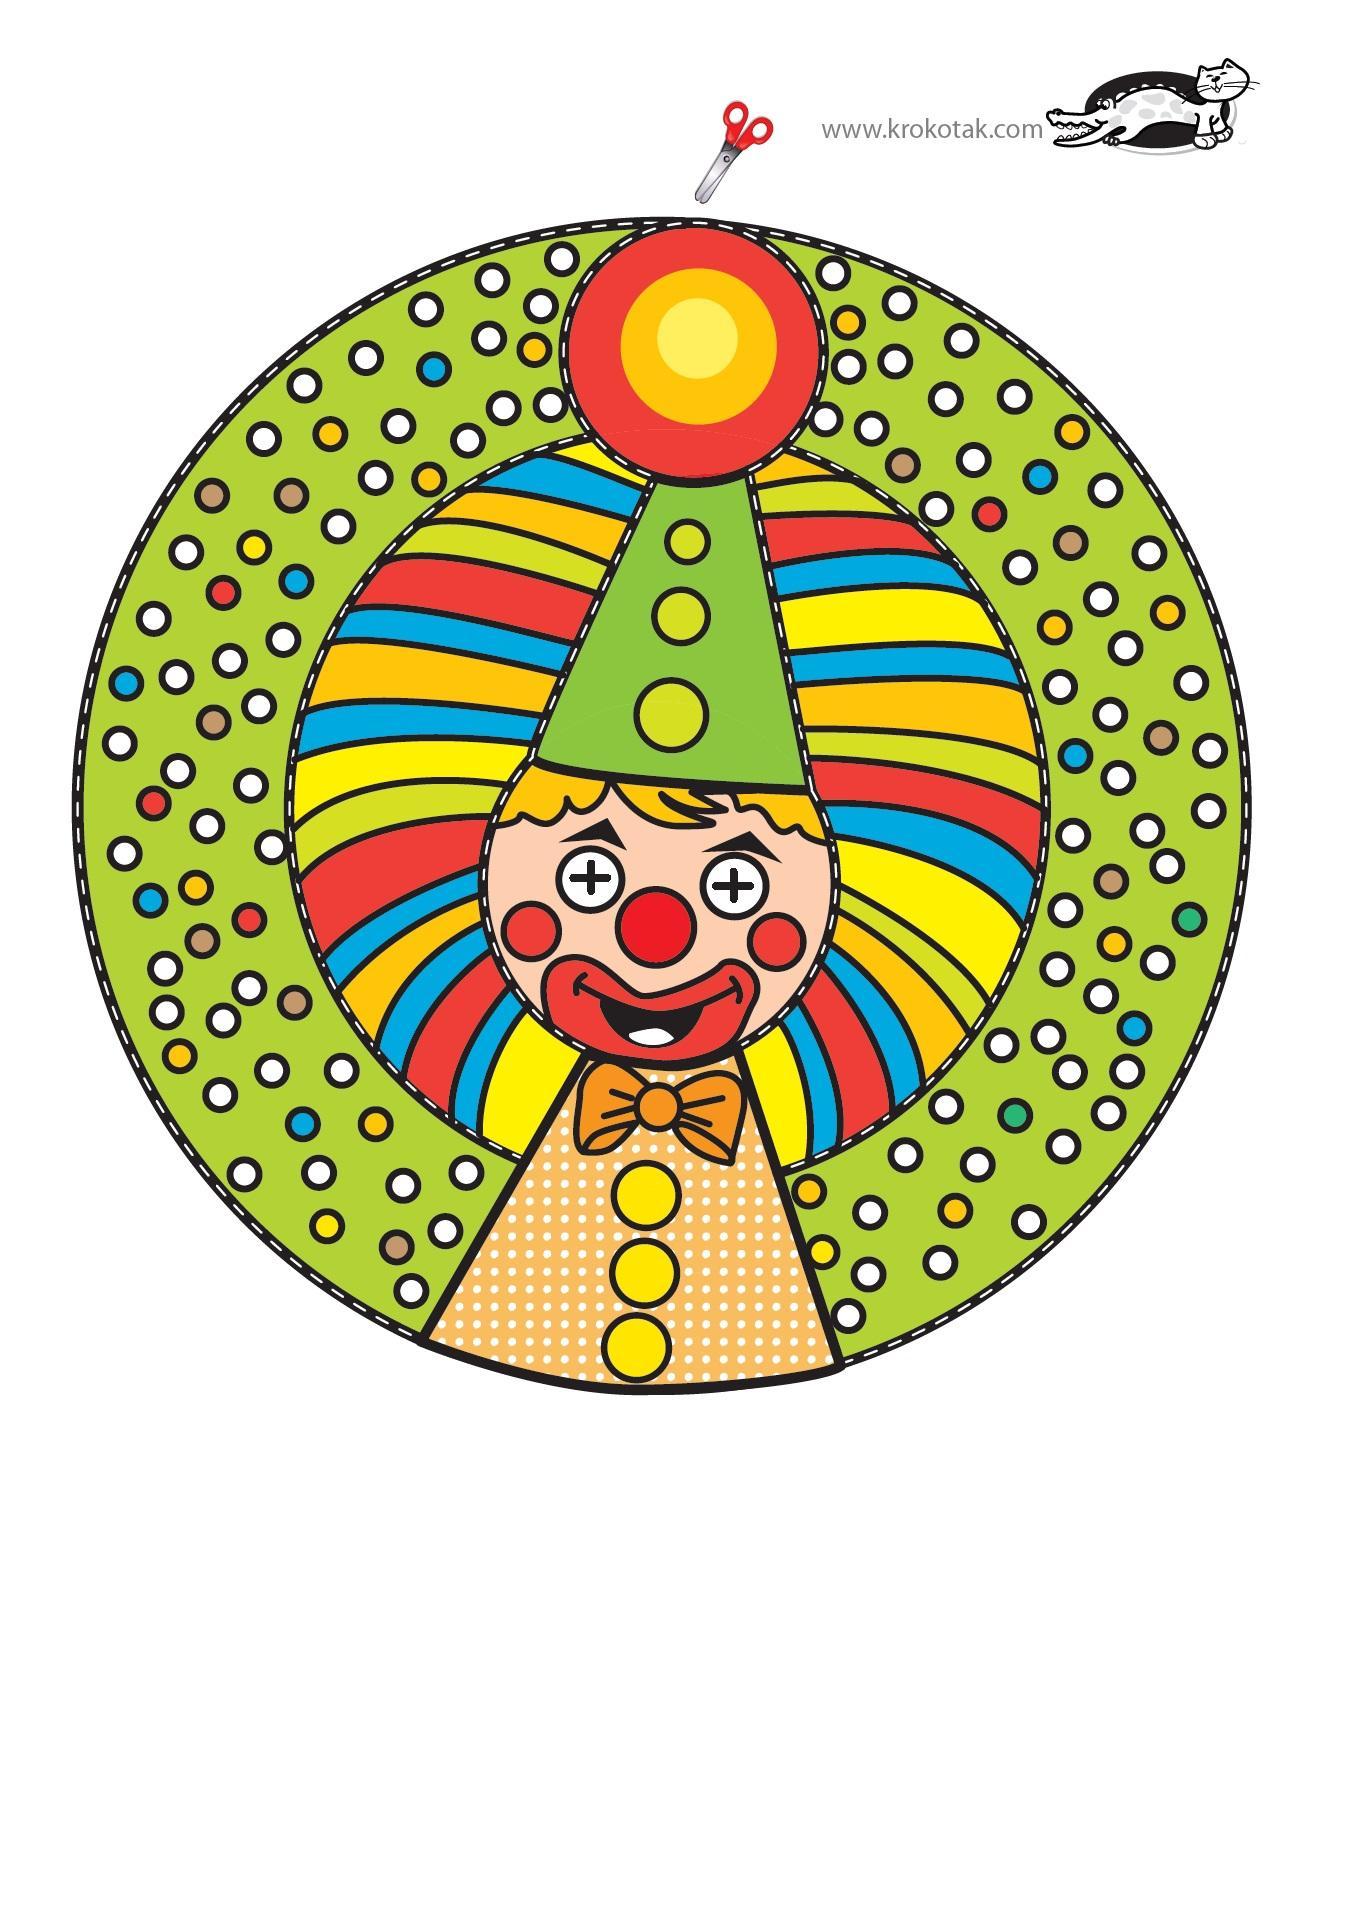 Как сделать клоуна из бумаги своими руками, мастер класс, схема 31